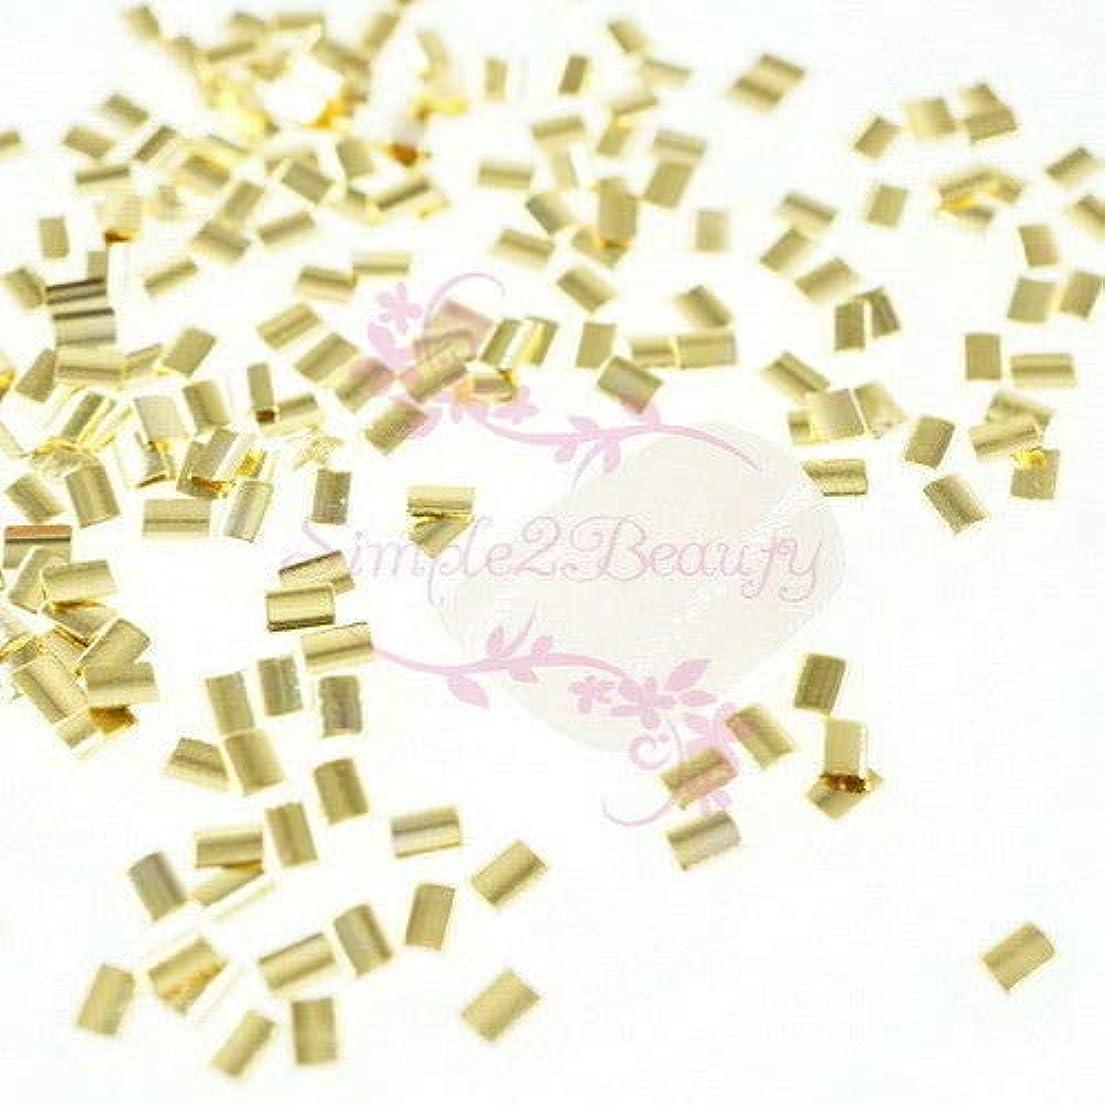 遷移落胆するオーストラリアFidgetGear 500 Rectanlge和風メタリックリベットスタッドネイルアートマニキュアDIYの装飾 ゴールド